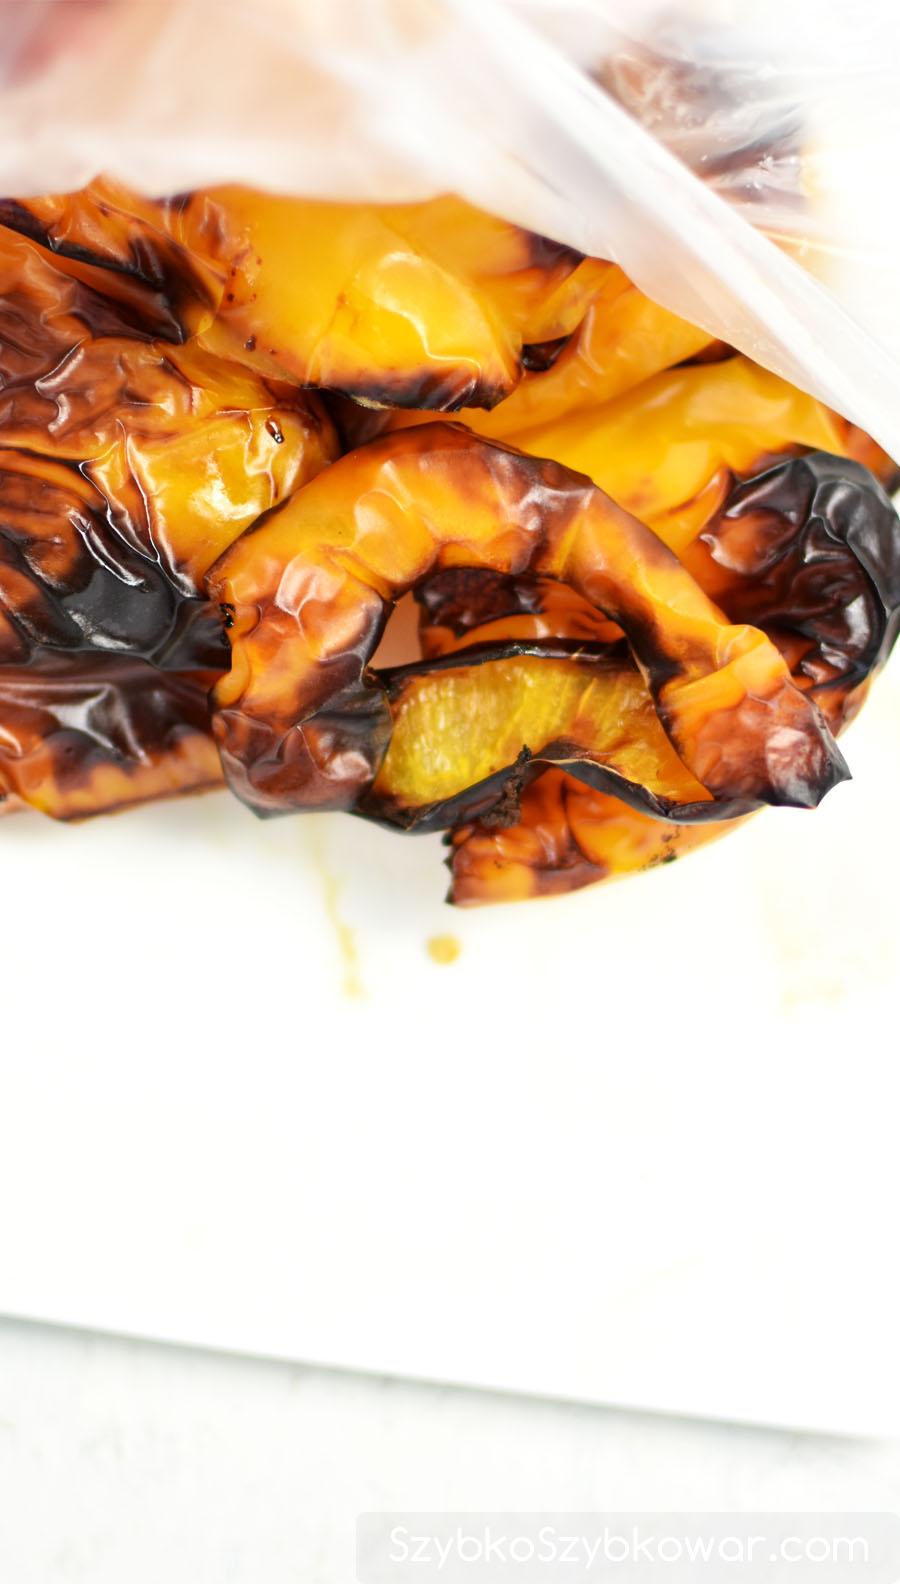 Natychmiast po upieczeniu,gorącą paprykę przełóż do woreczka foliowego